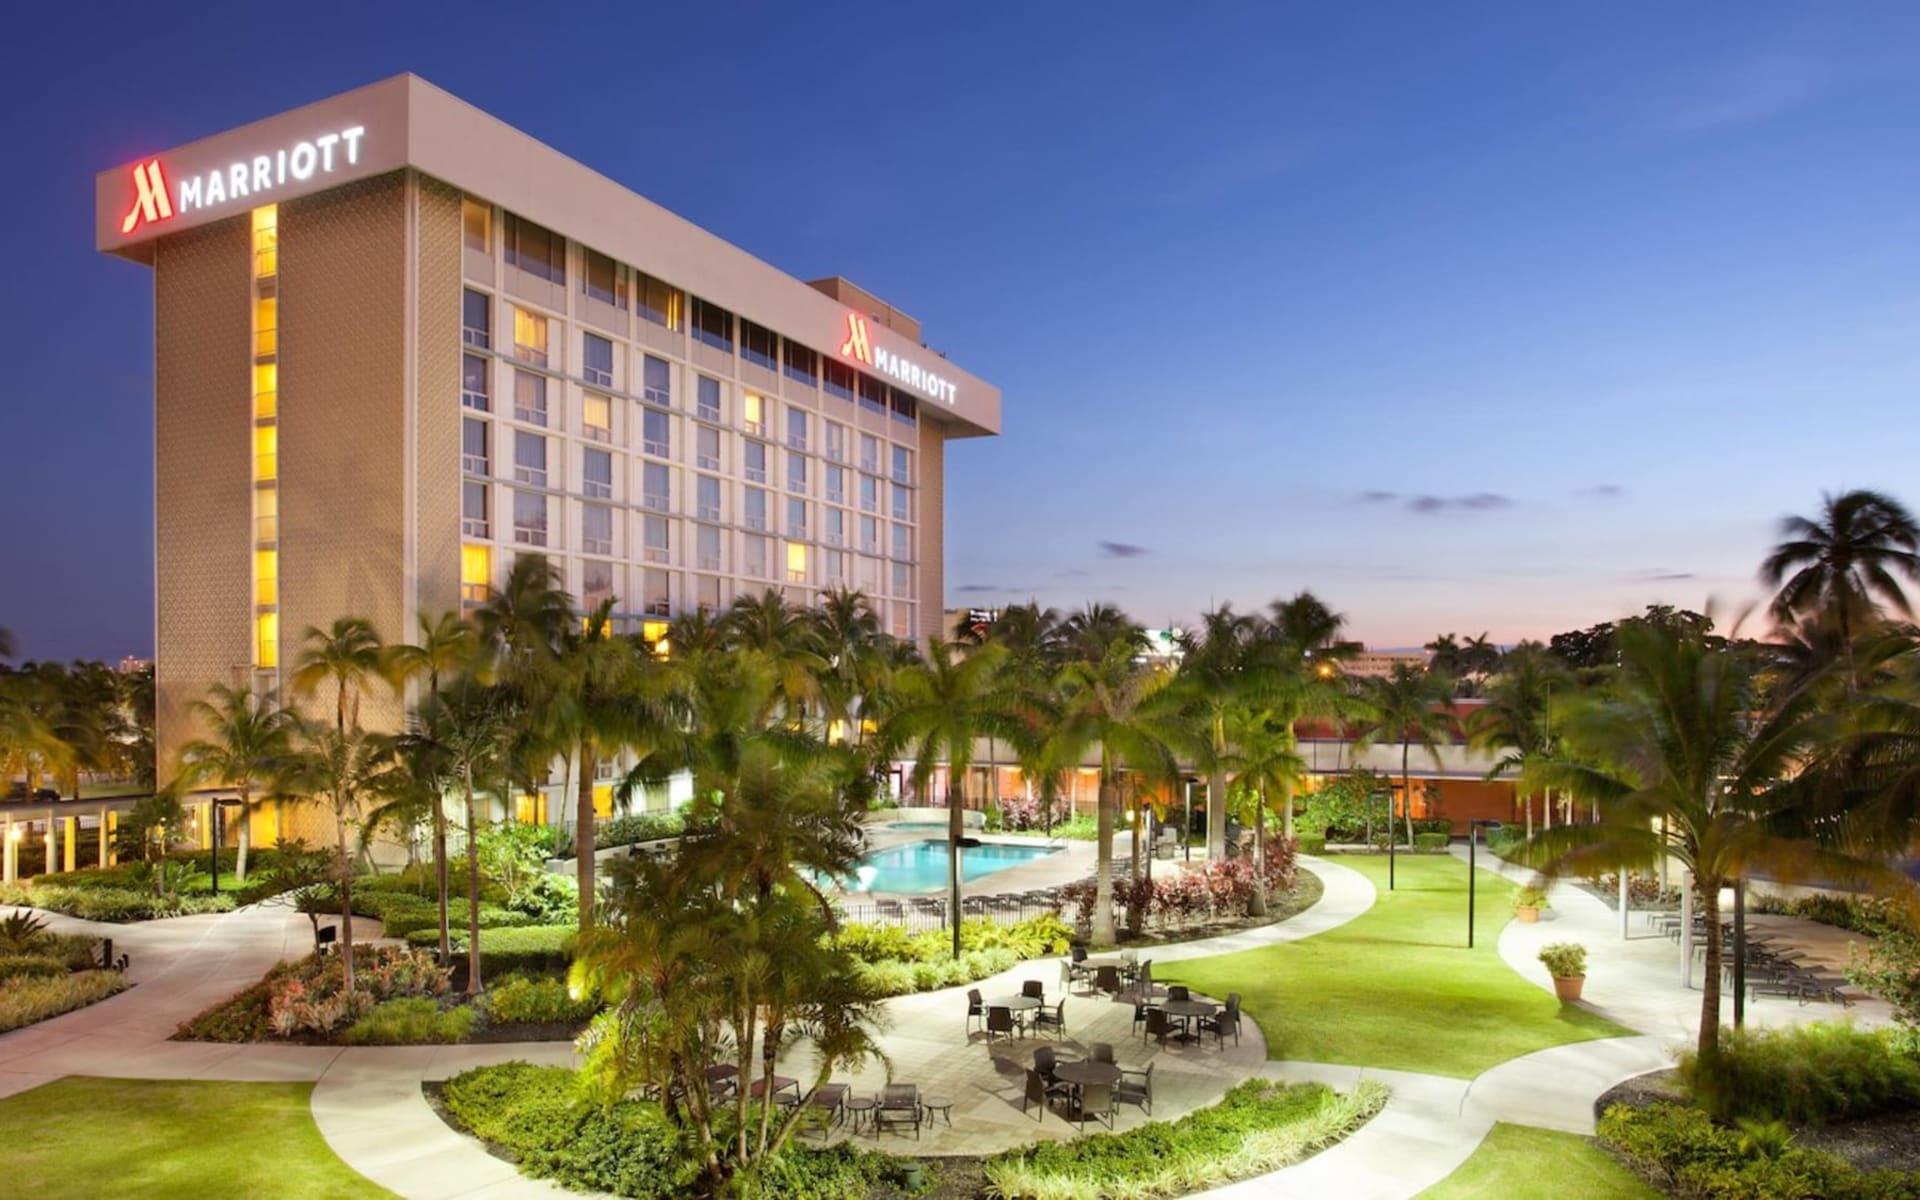 Marriott Miami Airport: Exterior_Marriott MIA Airport_Aussenansicht_ATI